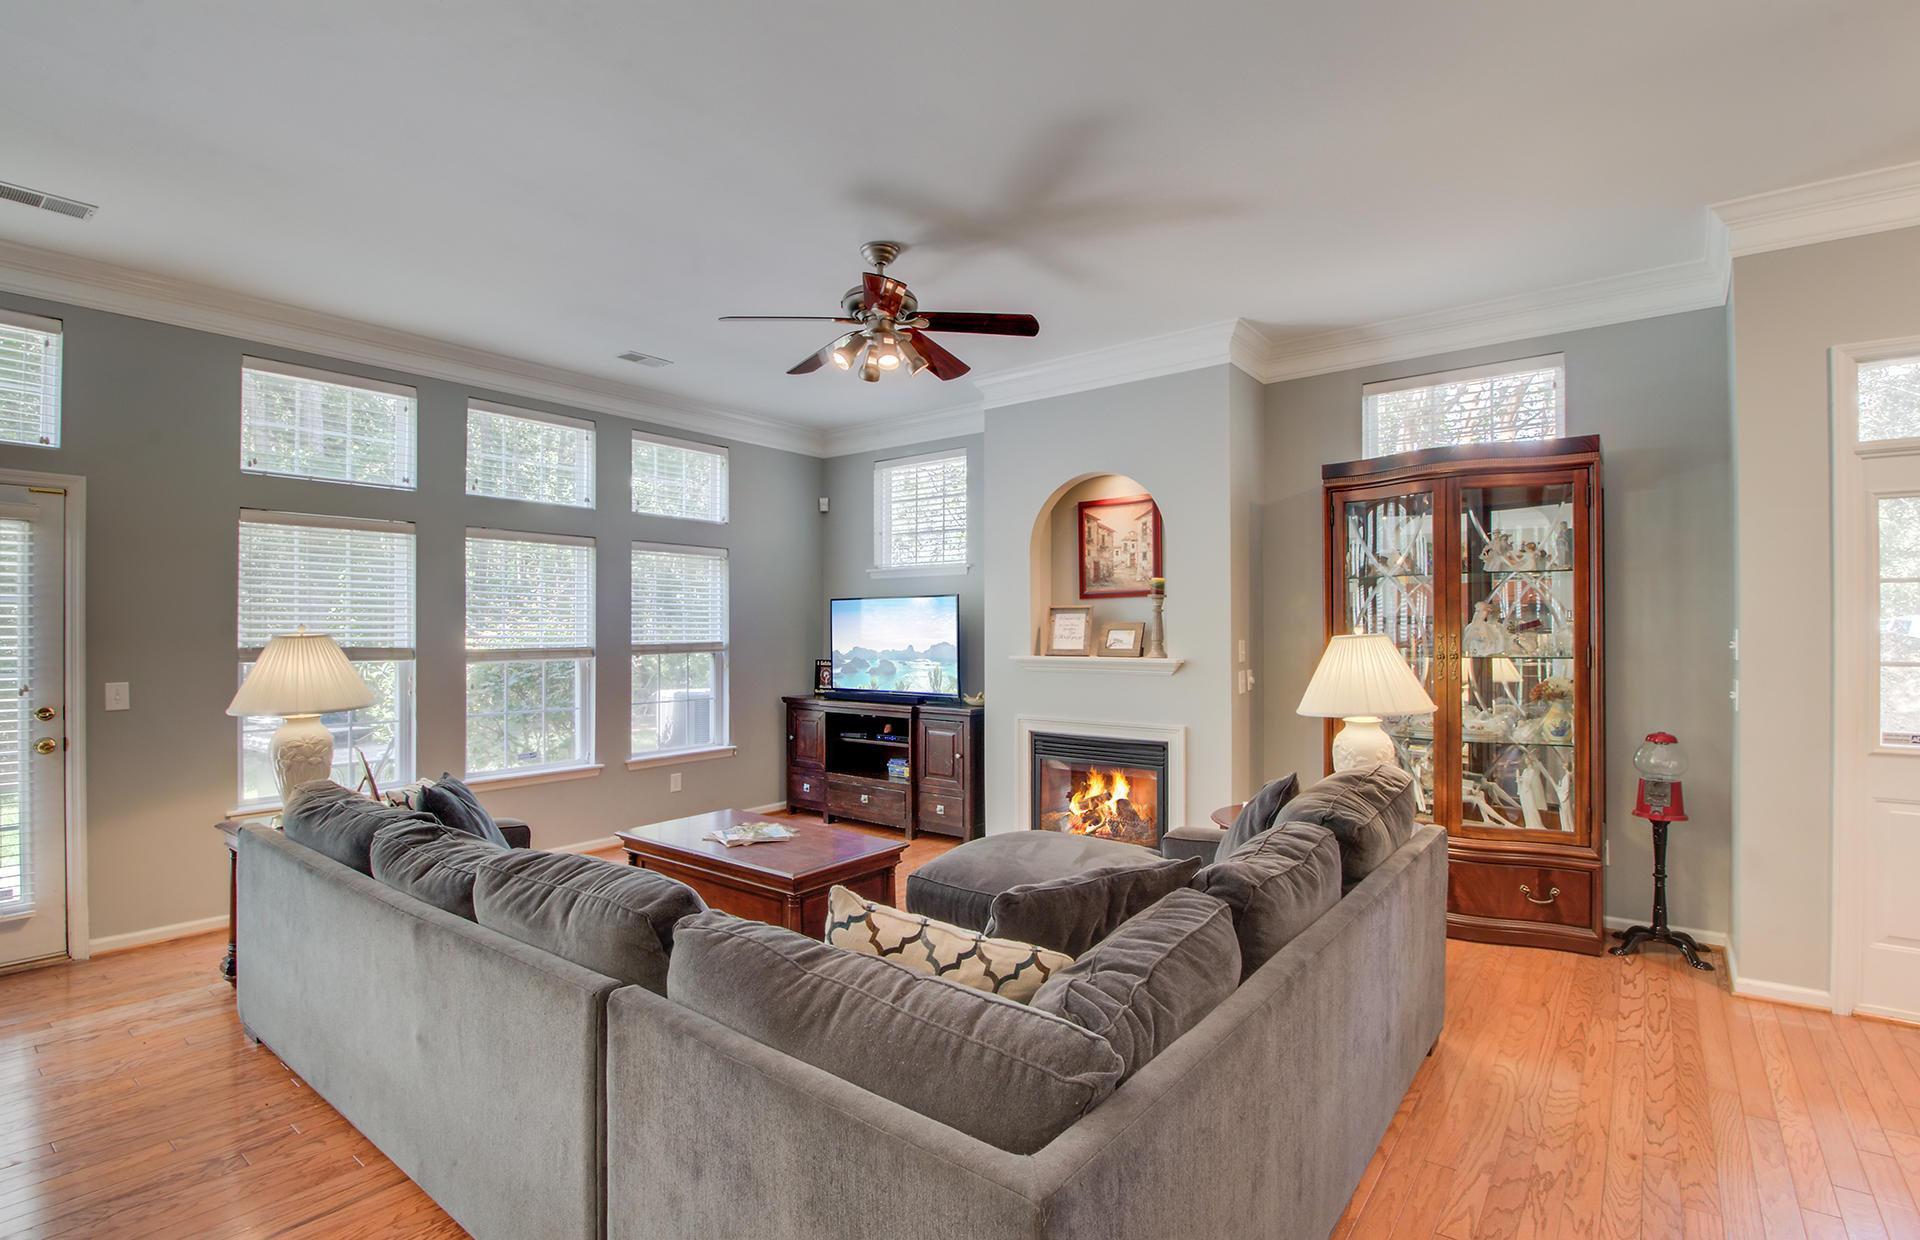 Park West Homes For Sale - 2500 Draymohr, Mount Pleasant, SC - 25